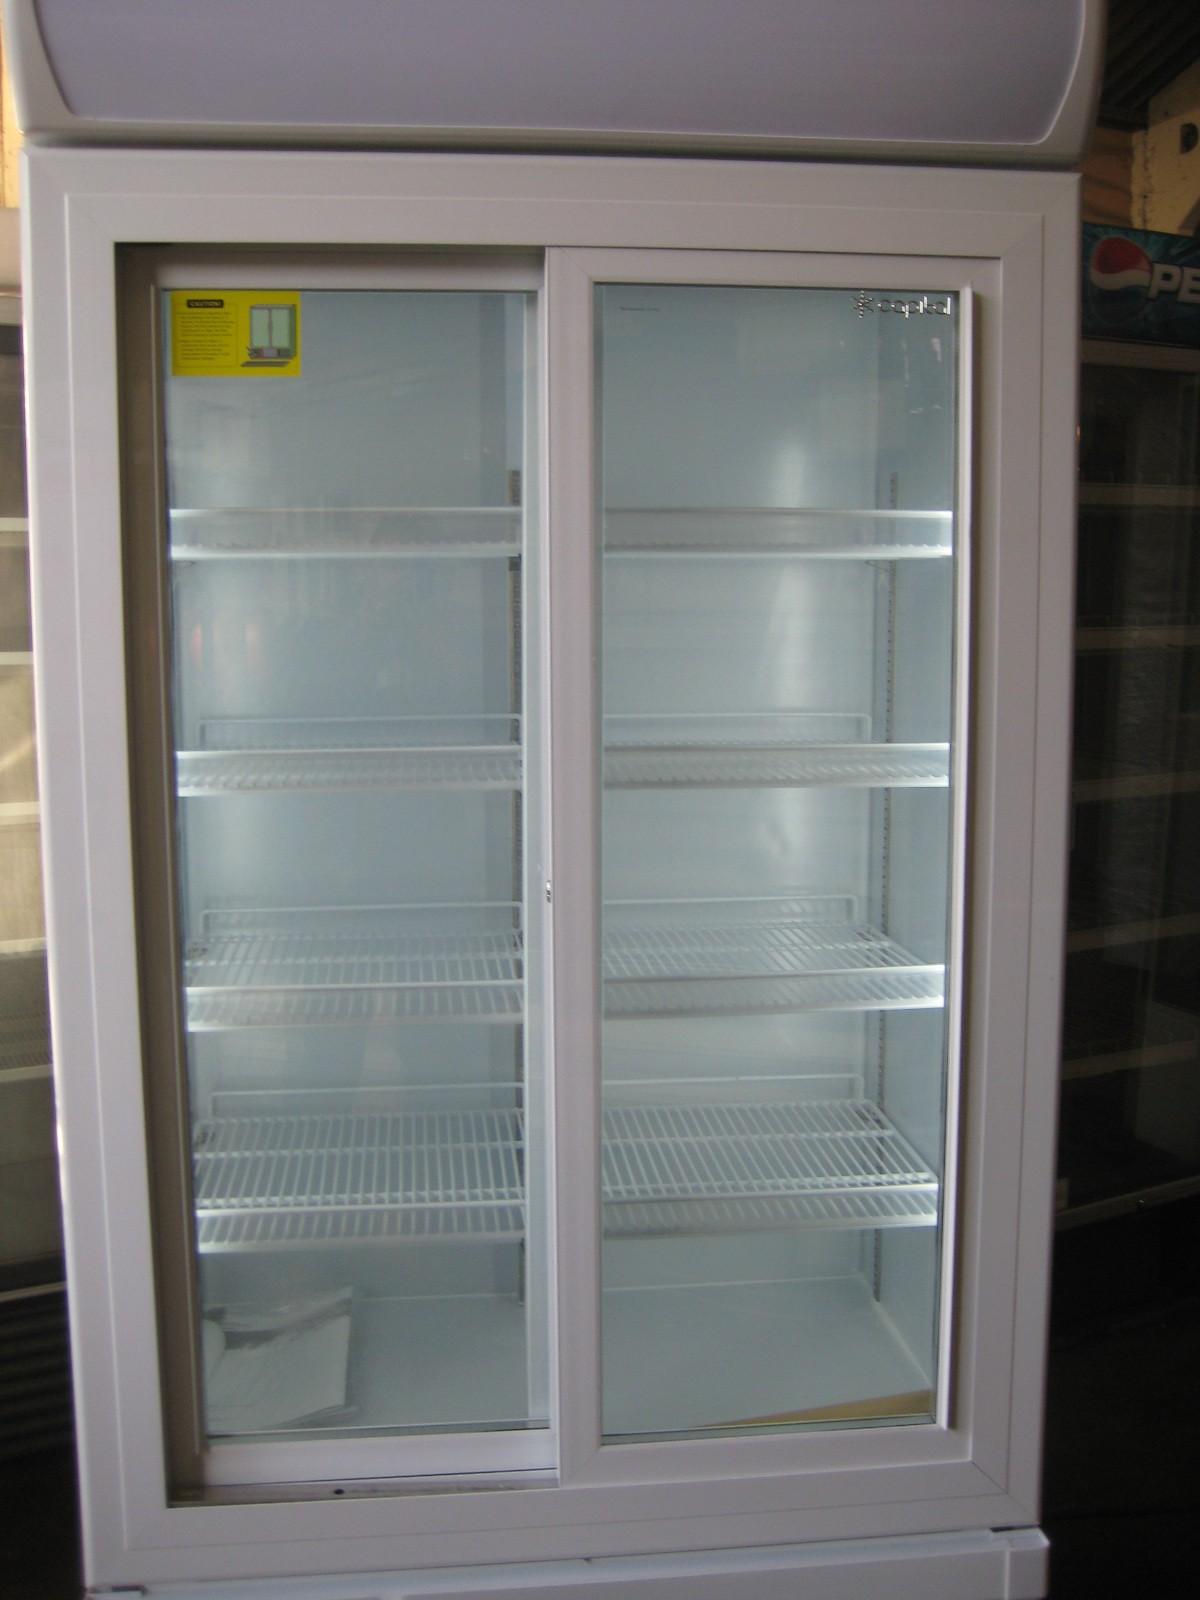 Secondhand shop equipment upright fridges 1 metre for 1 door display chiller